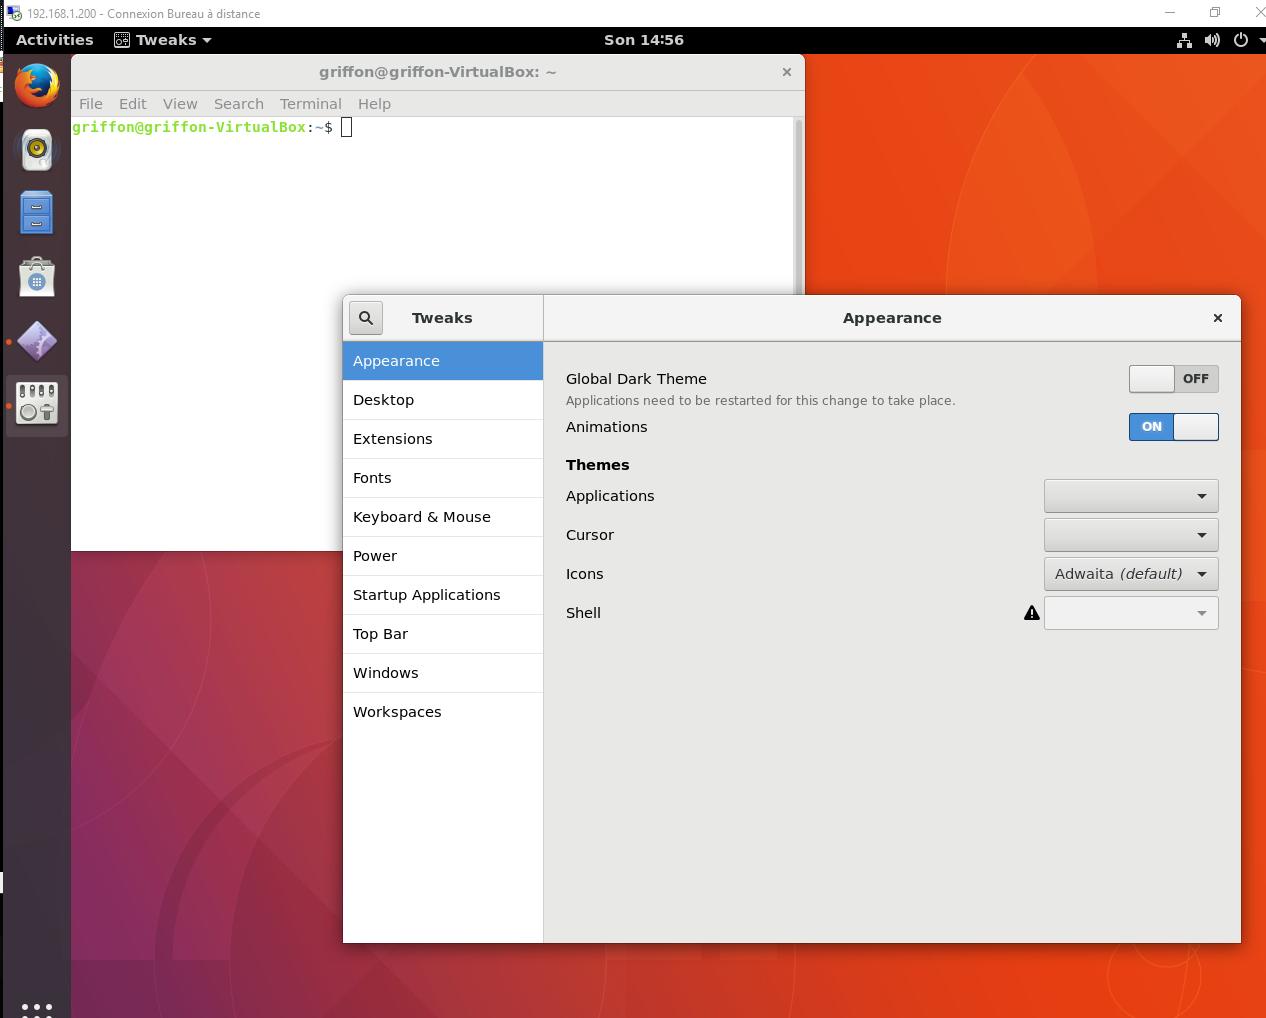 install xrdp ubuntu 17.04